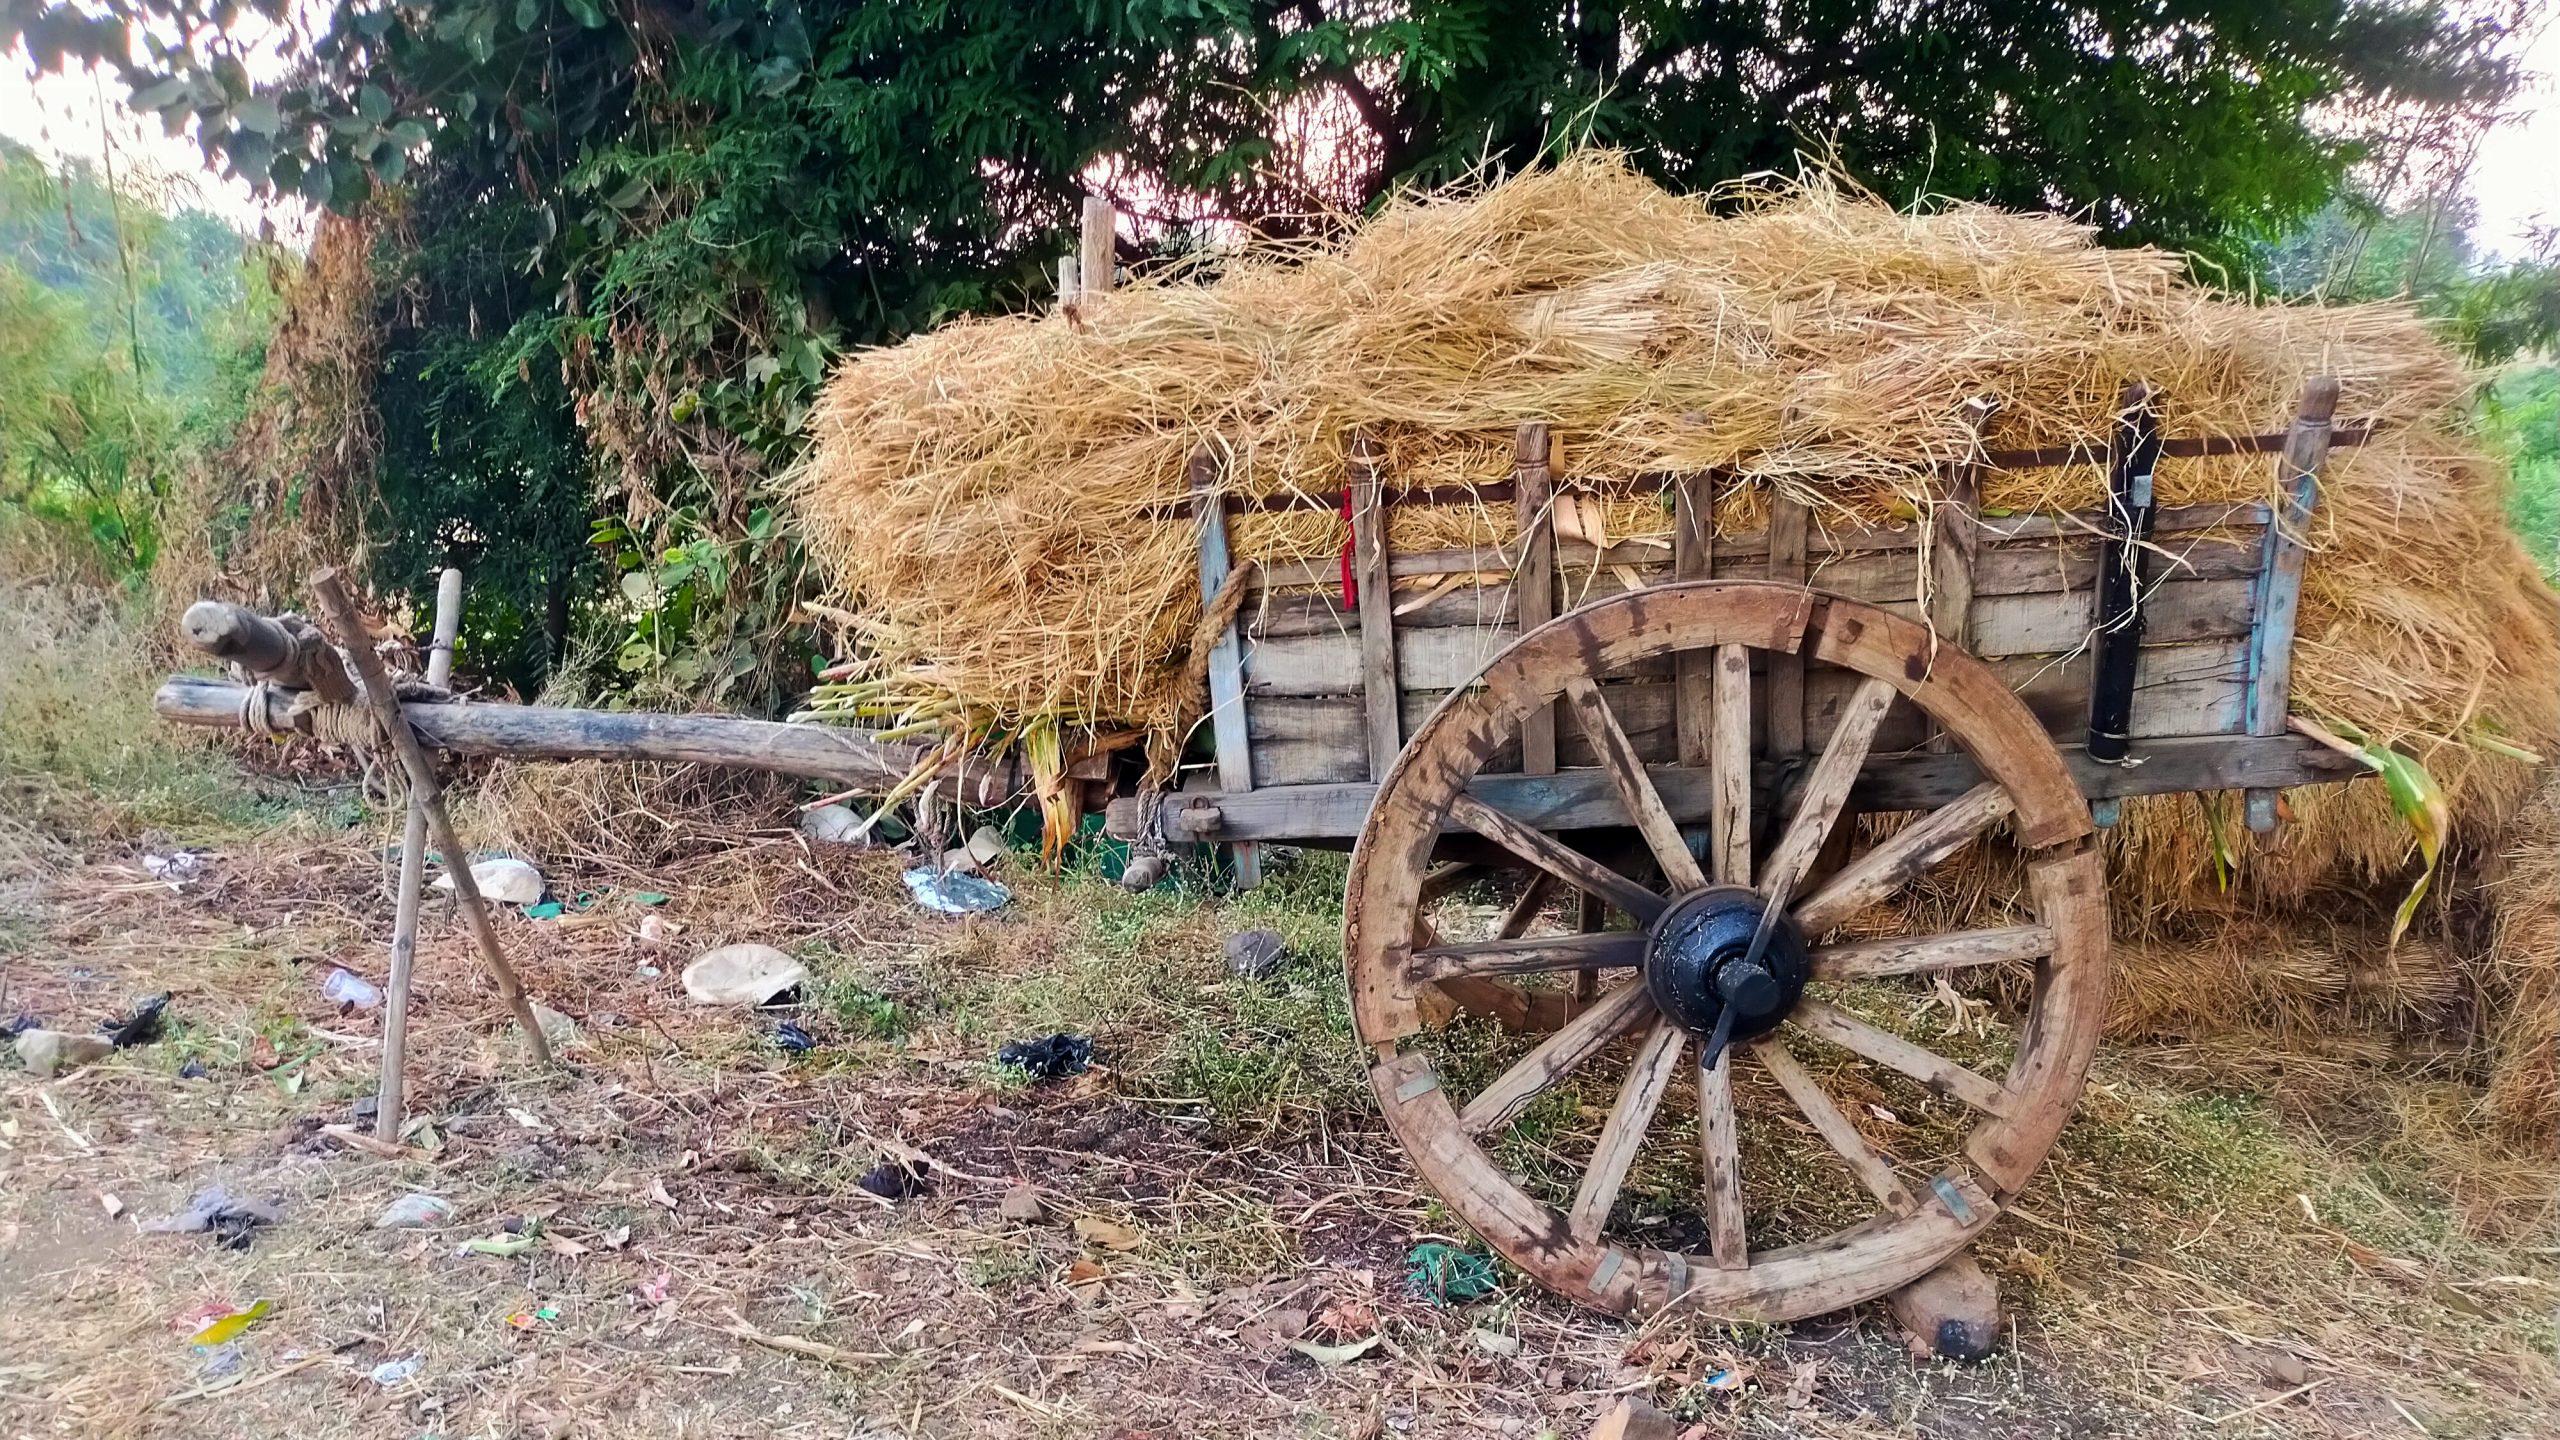 Fodder on a cart